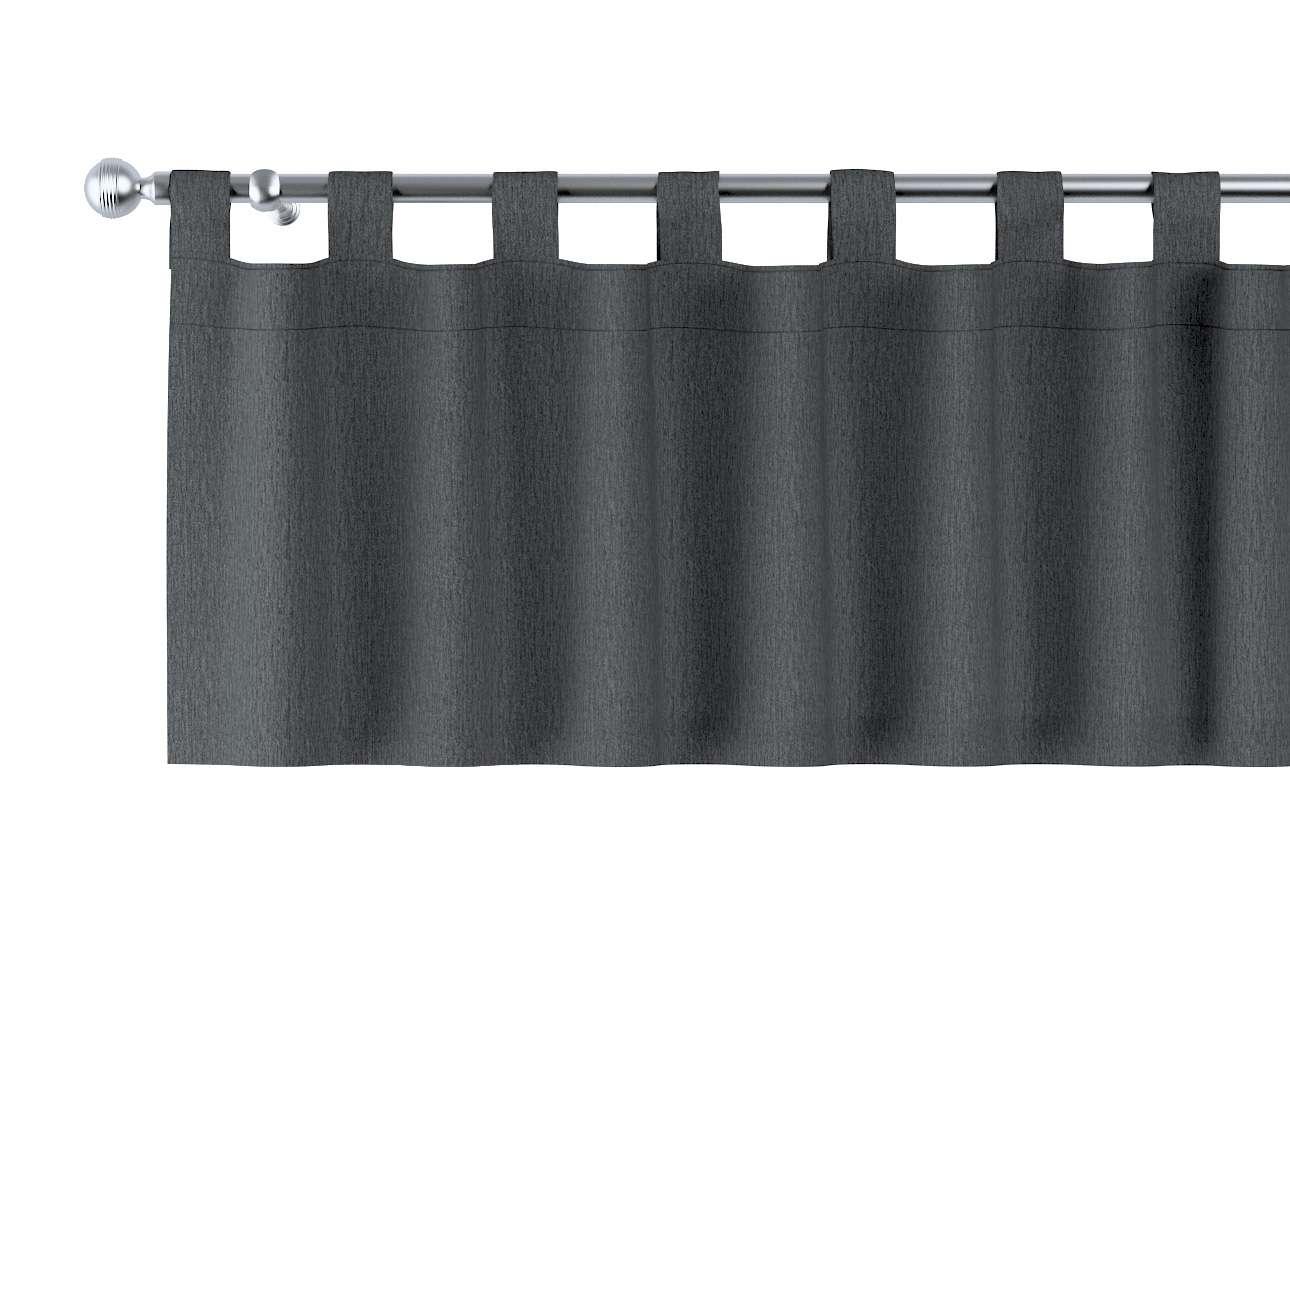 Gardinkappa med hällor i kollektionen Chenille, Tyg: 702-20